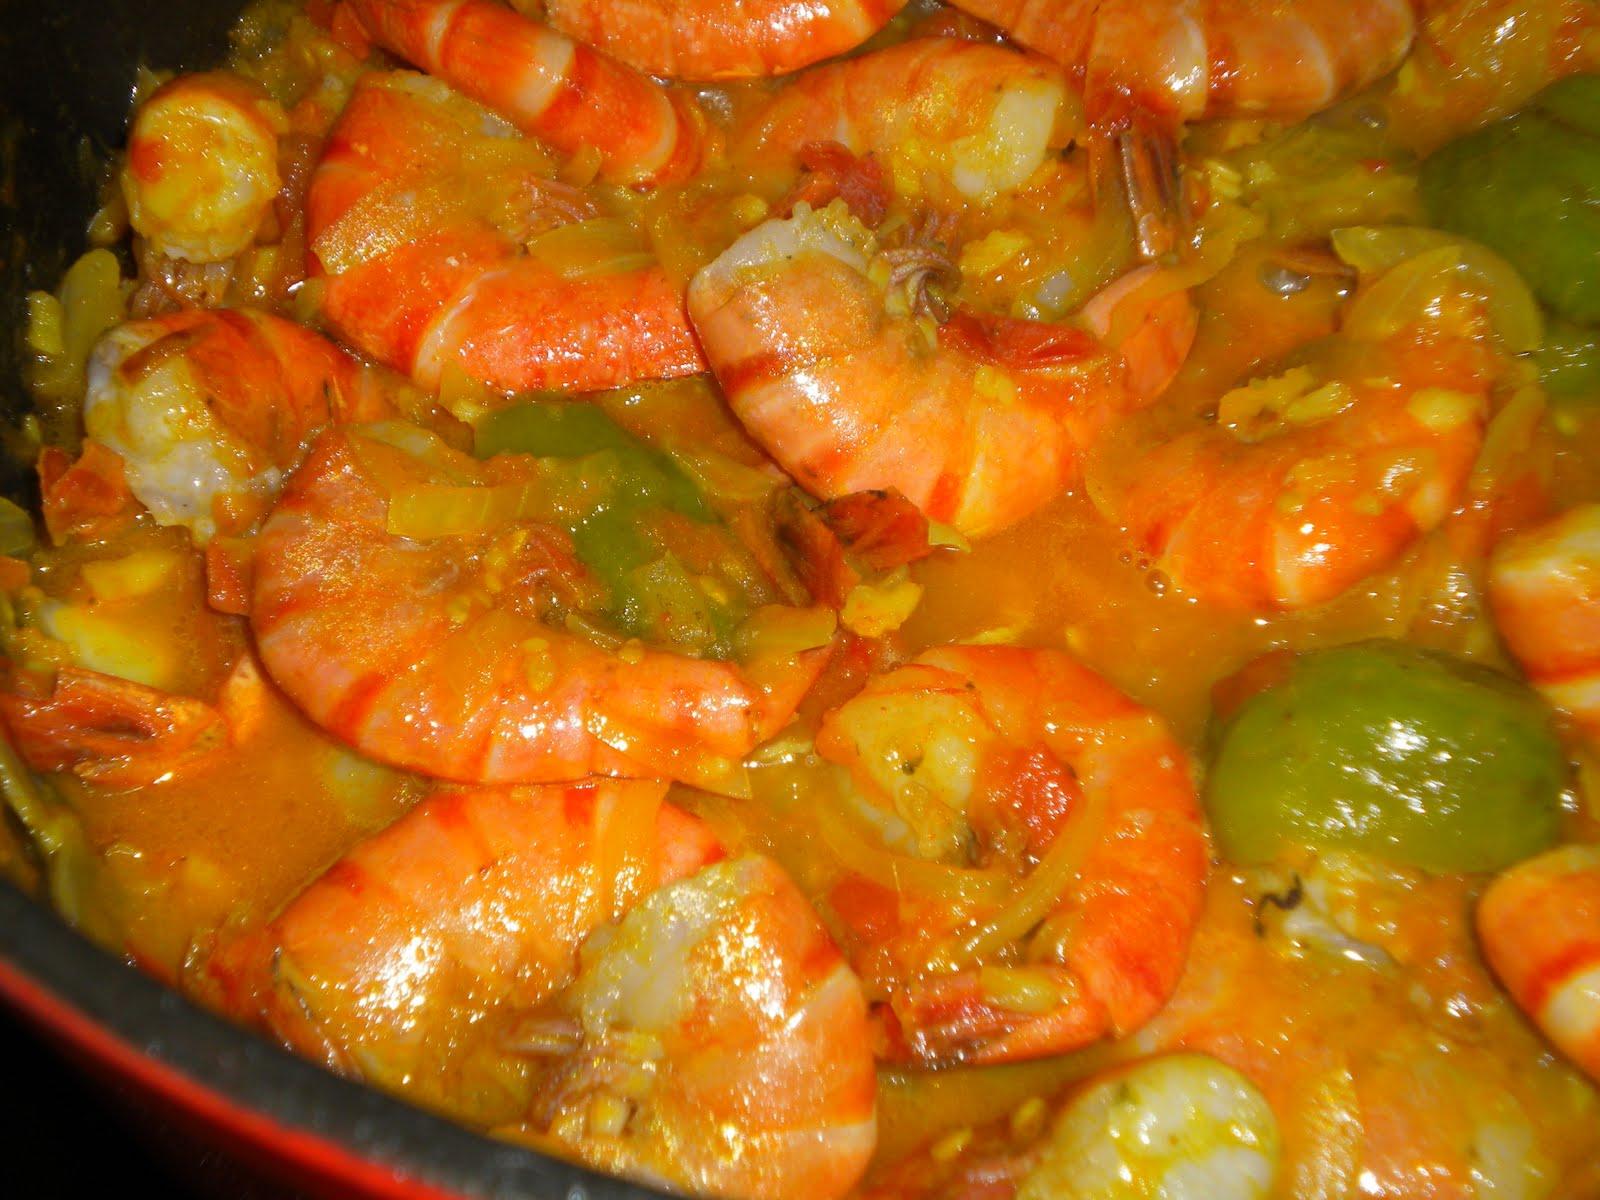 Cours de cuisine du monde sur marseille carry gambas - Cour de cuisine marseille ...